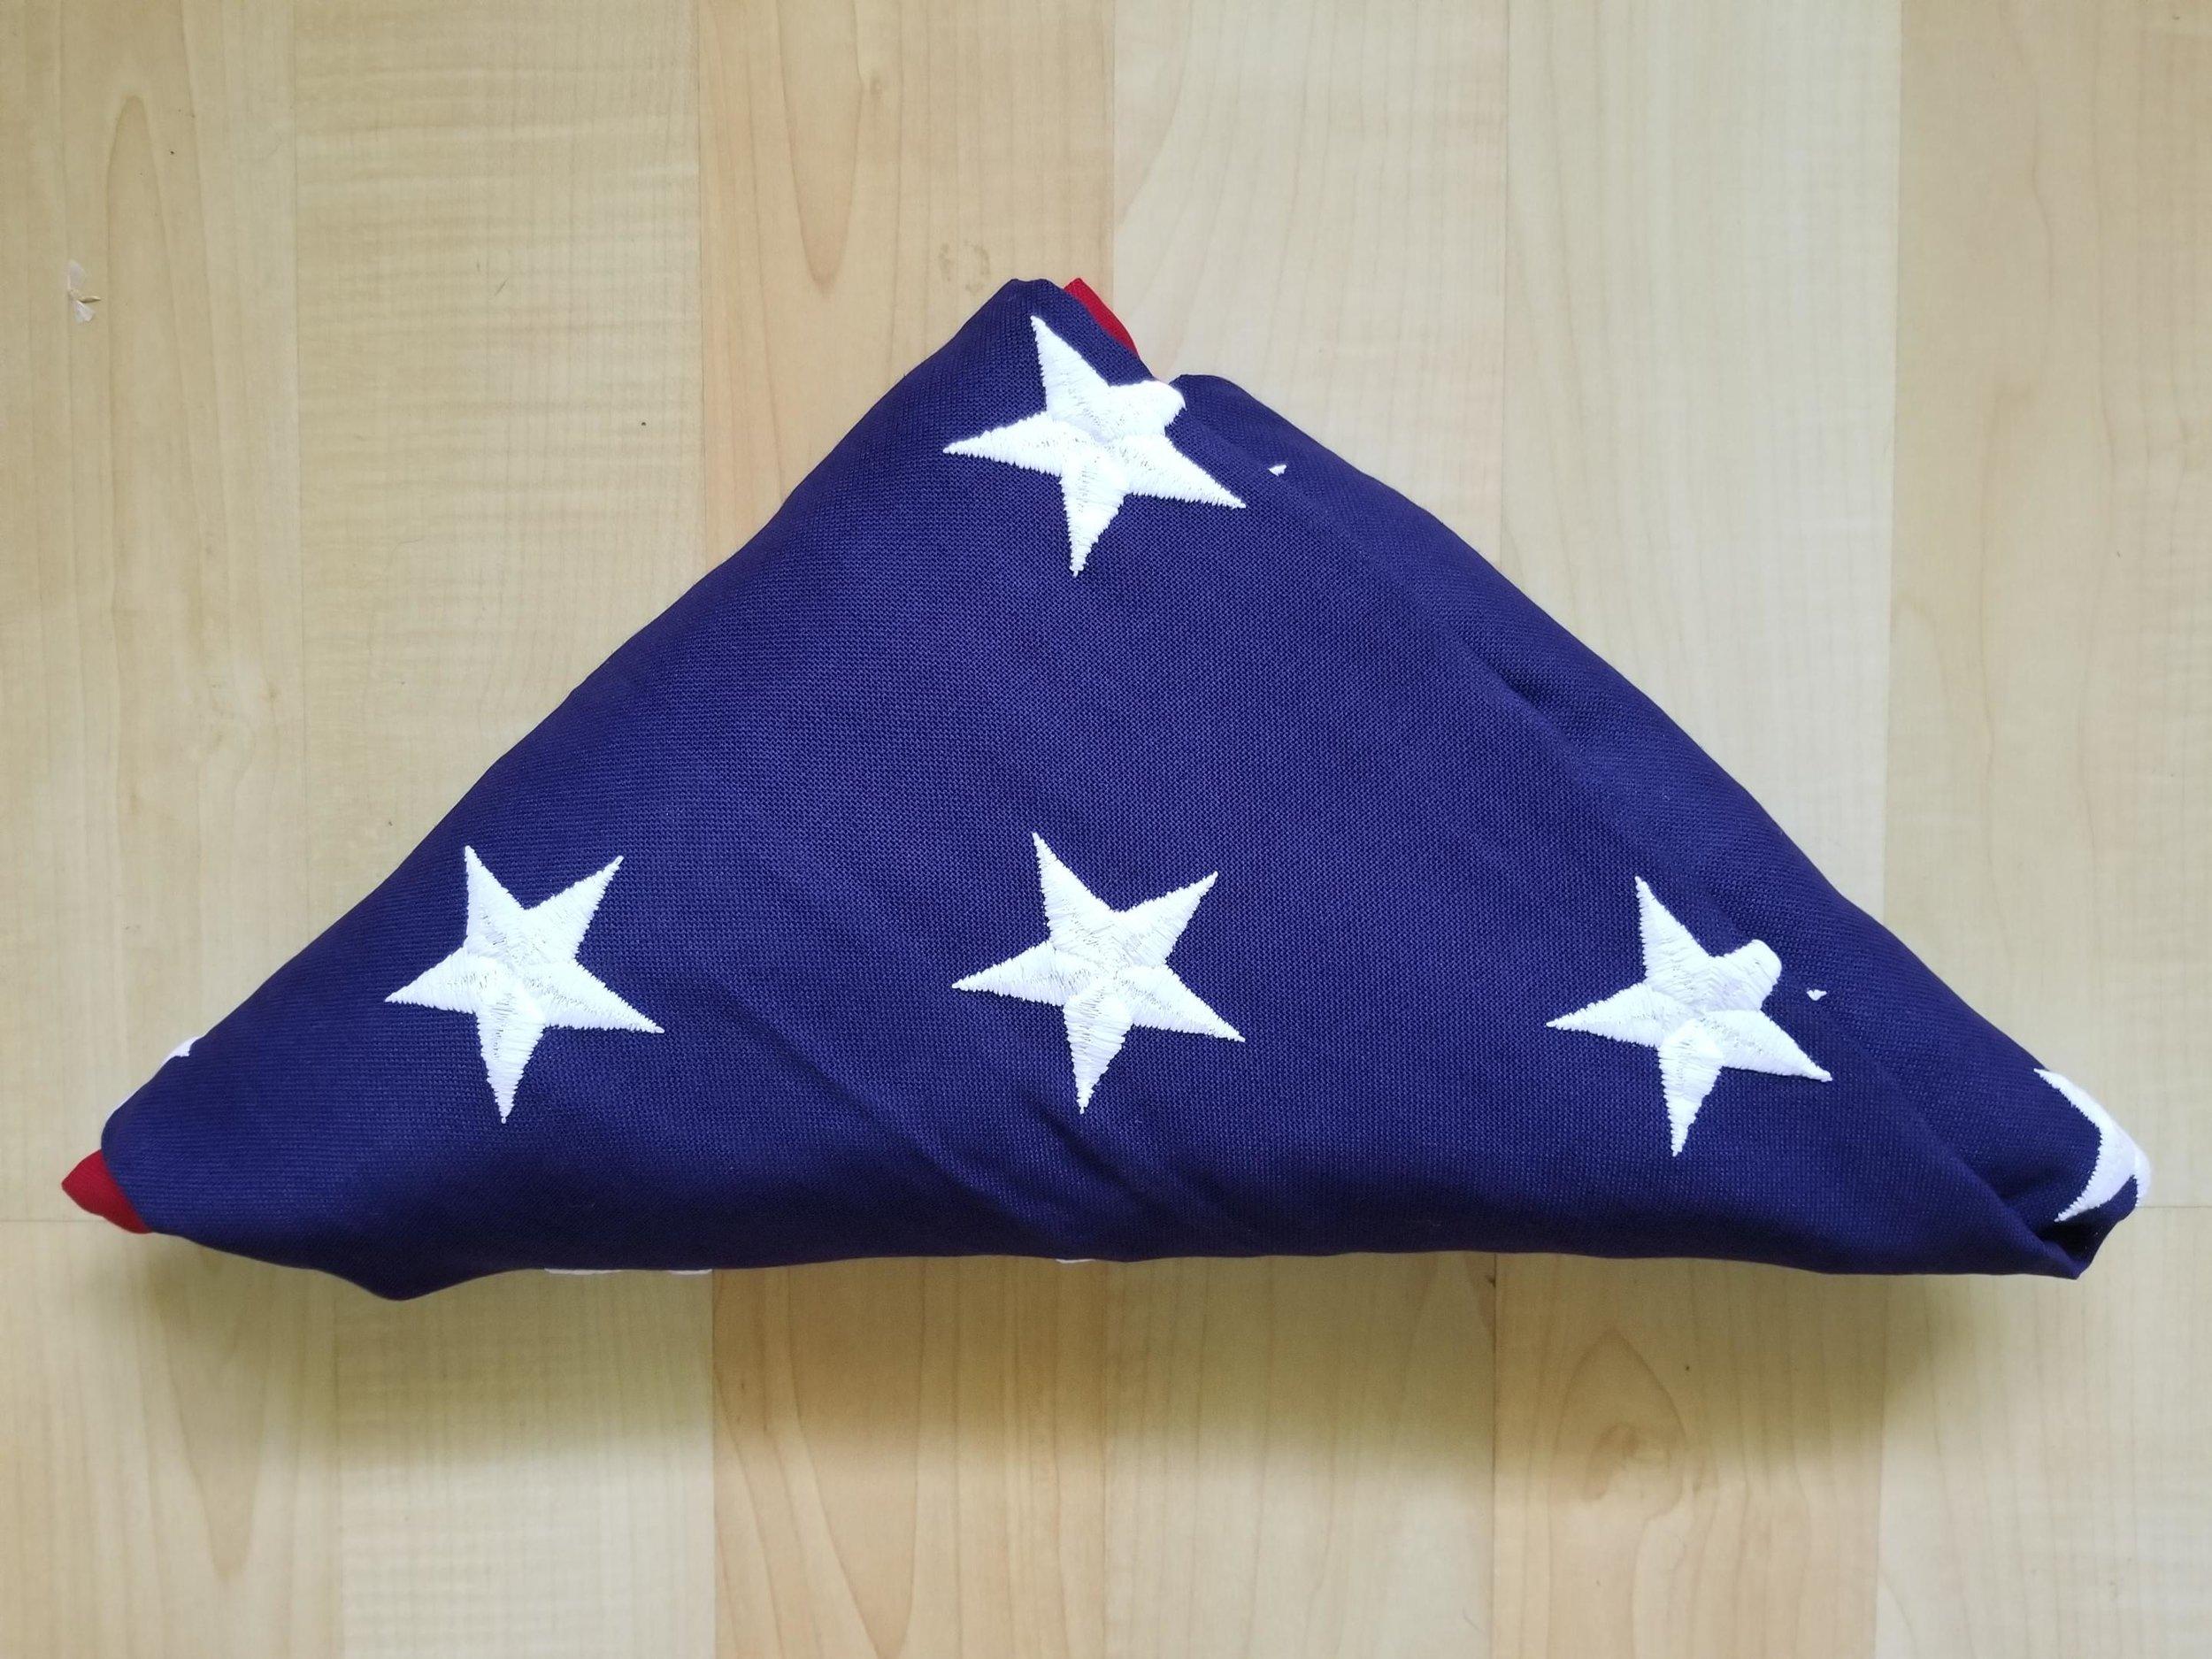 MCDay-Folded Flag-14Jun19.jpg